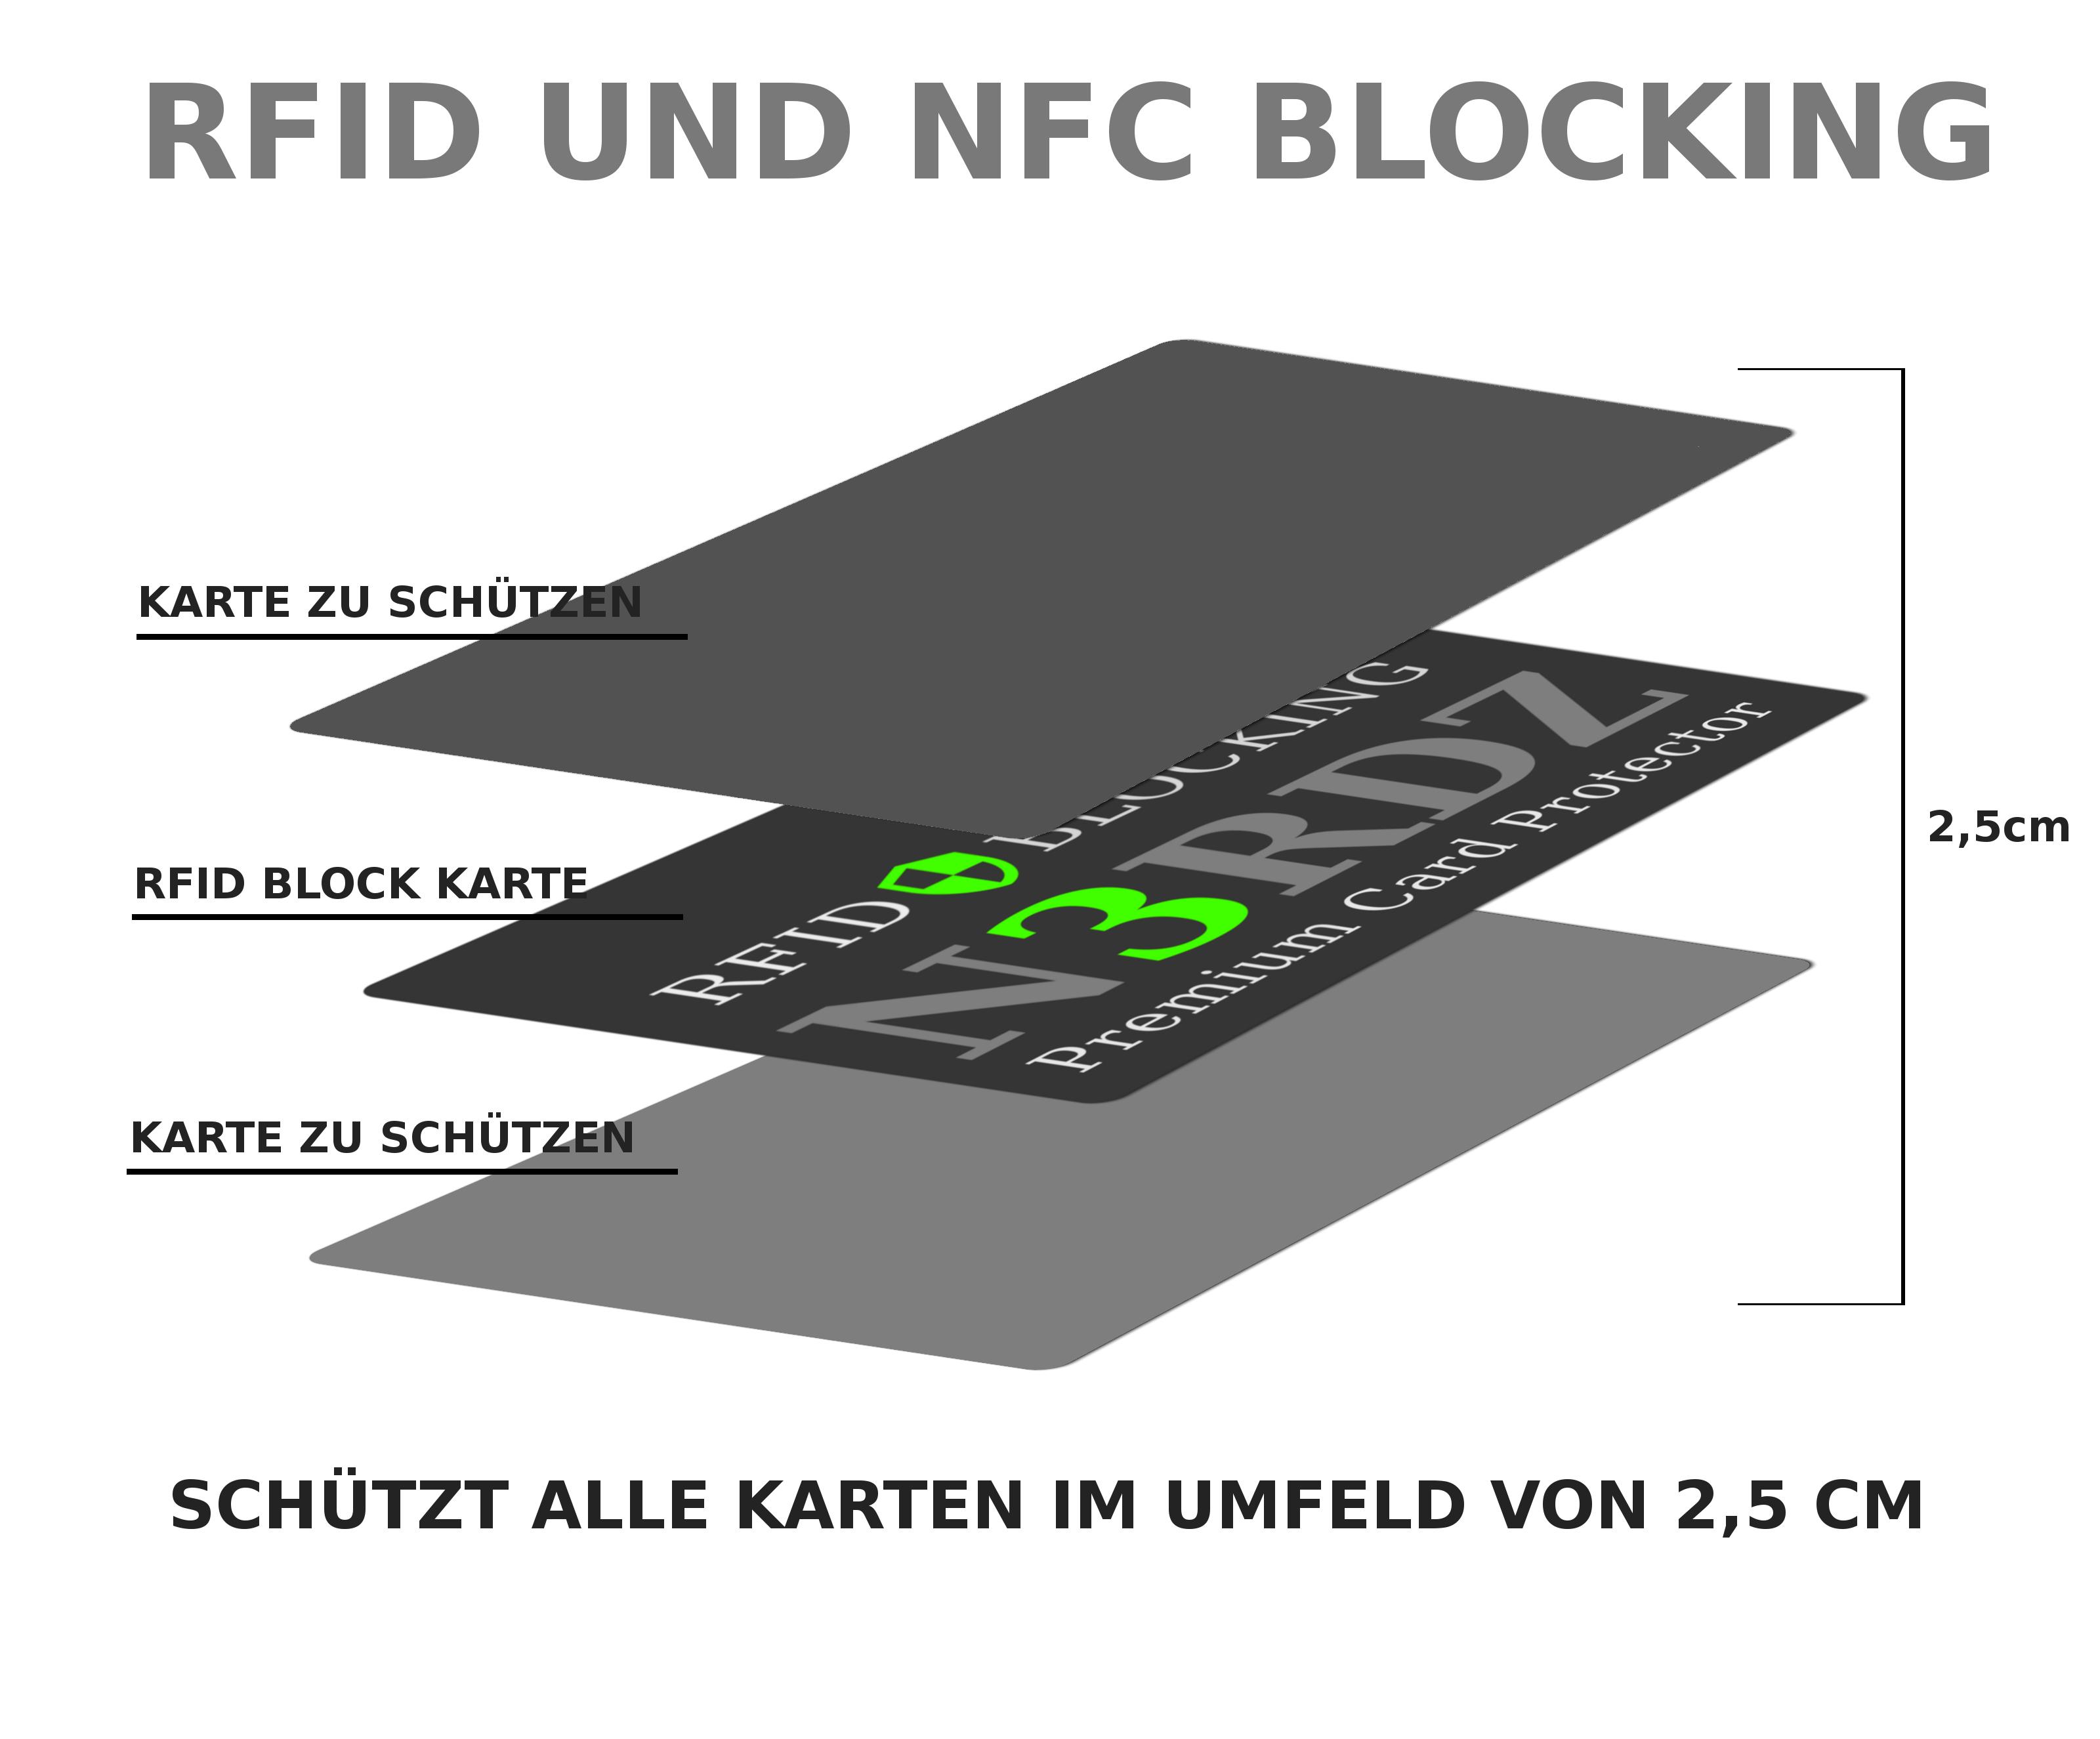 rfid und nfc schutz karte zum schutz ihrer bankkarten ec. Black Bedroom Furniture Sets. Home Design Ideas